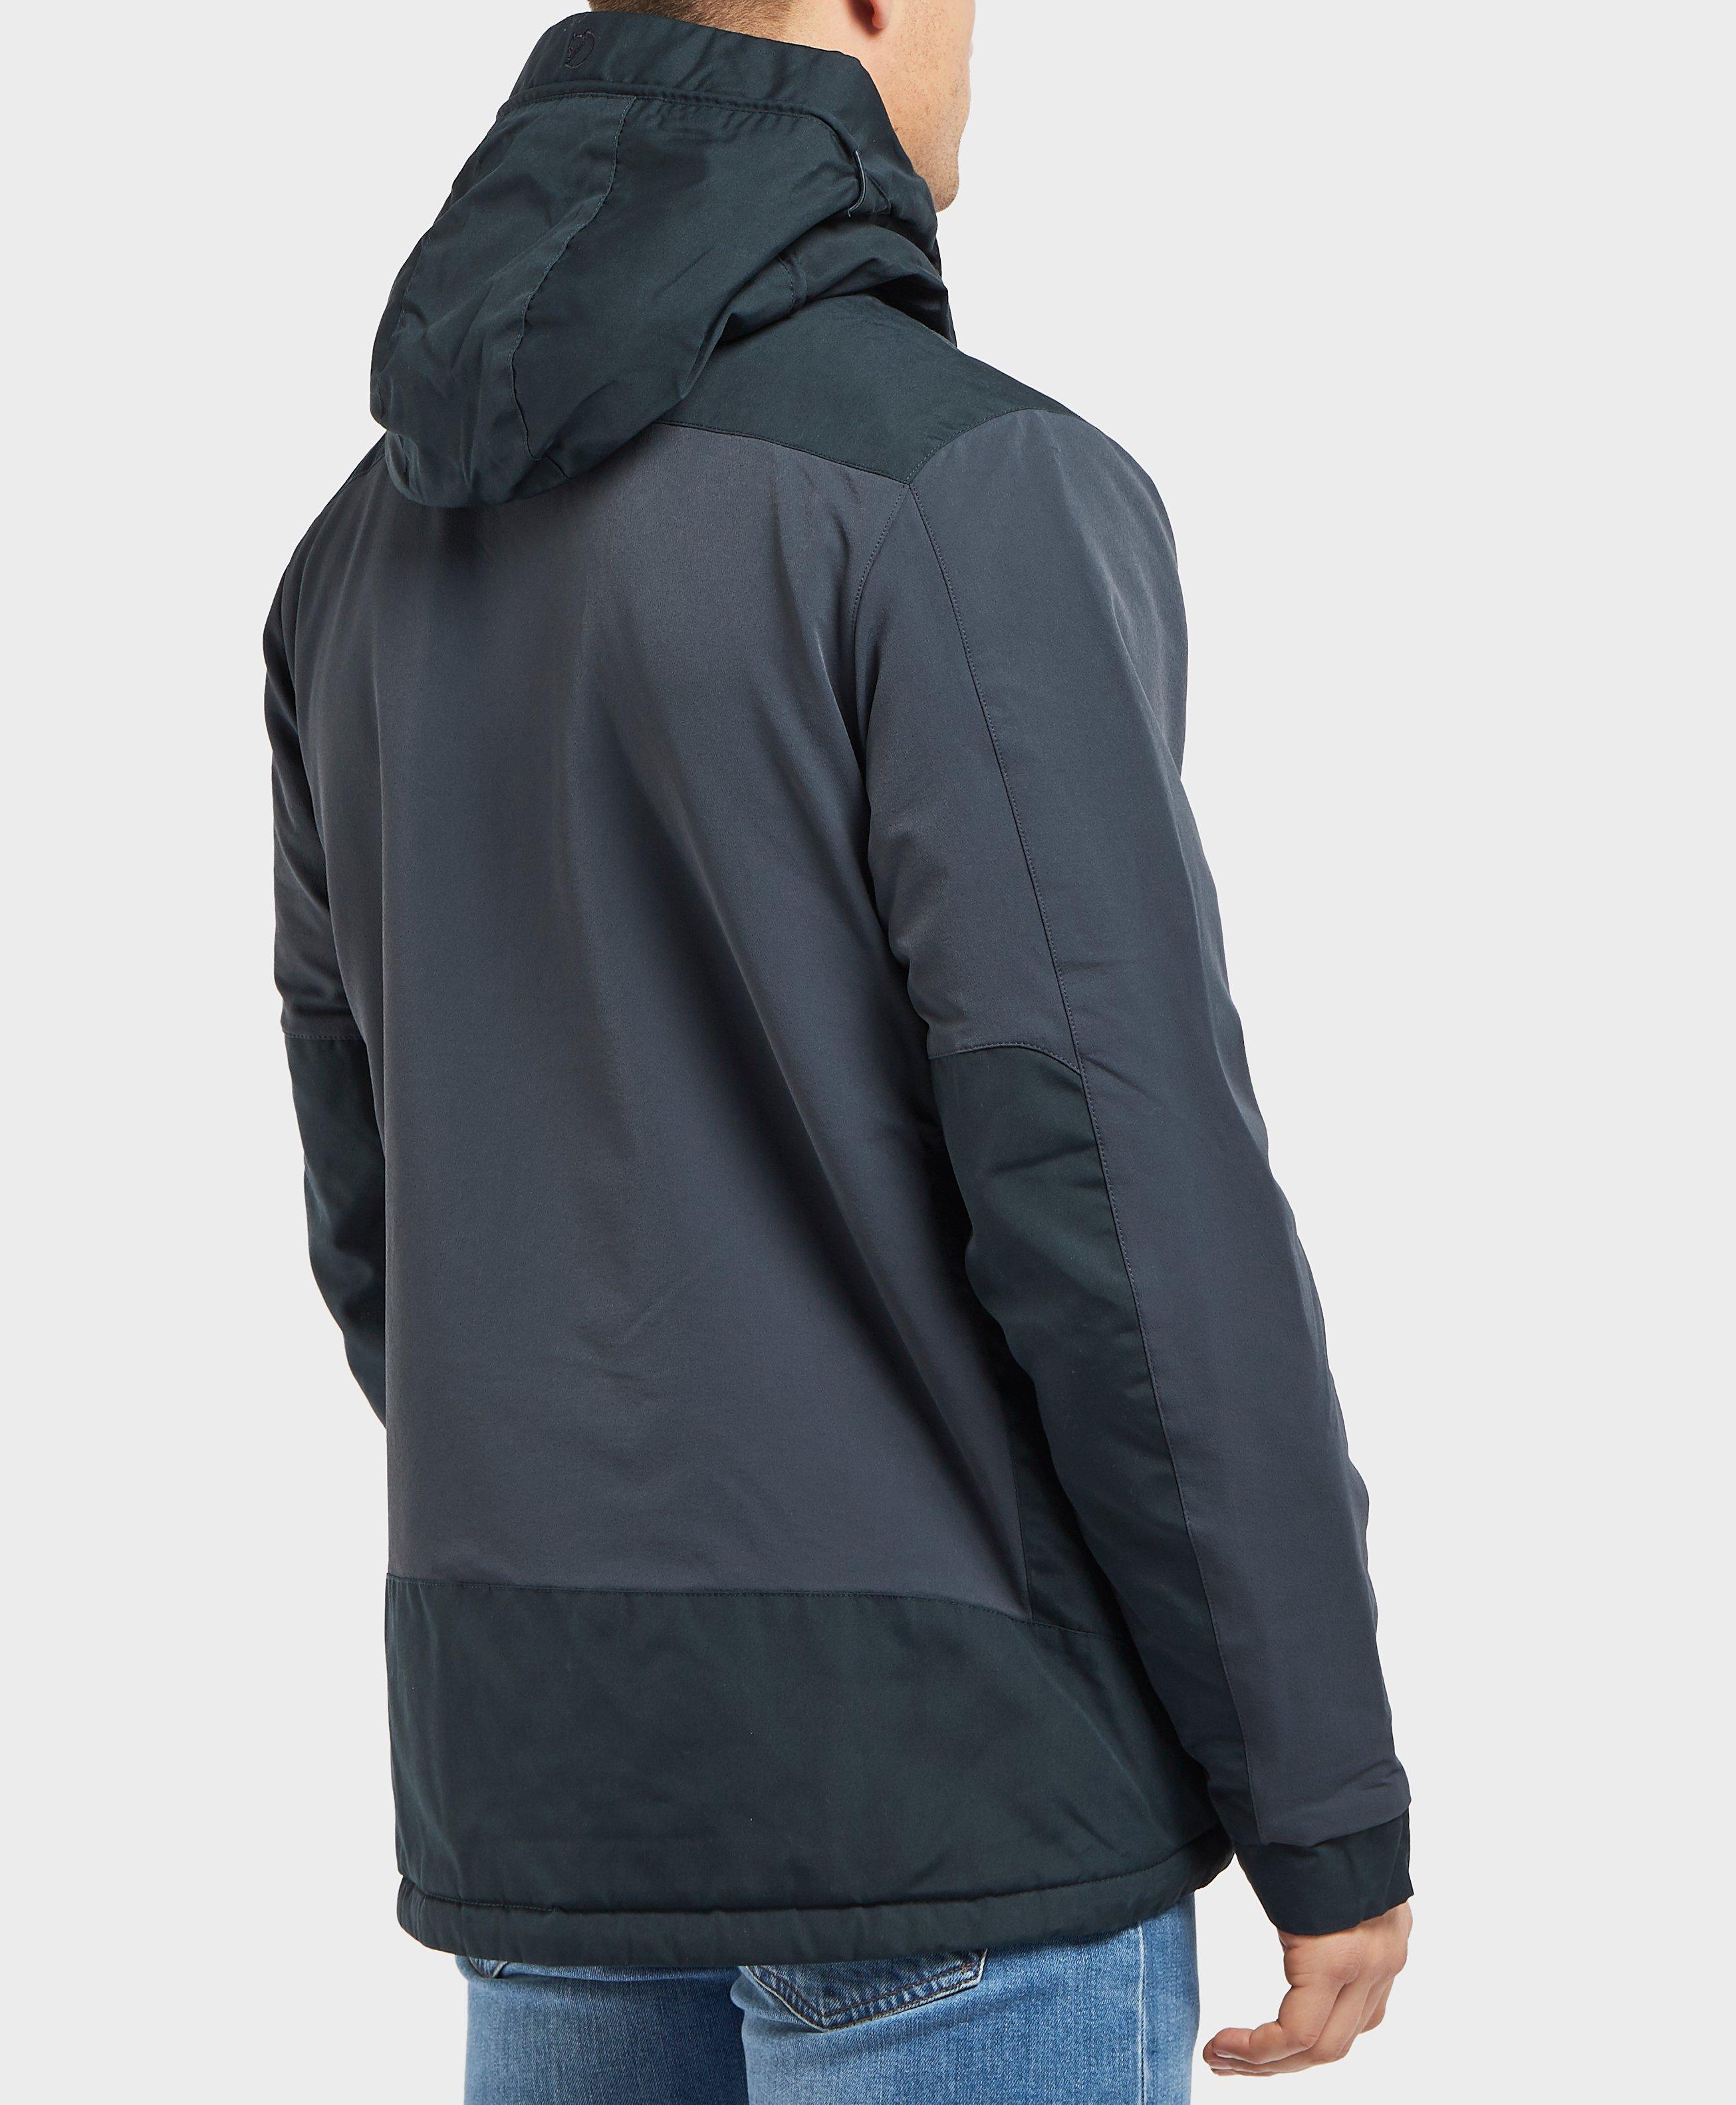 zarte Farben großer Rabatt Online-Einzelhändler Ovik Stretch Padded Jacket